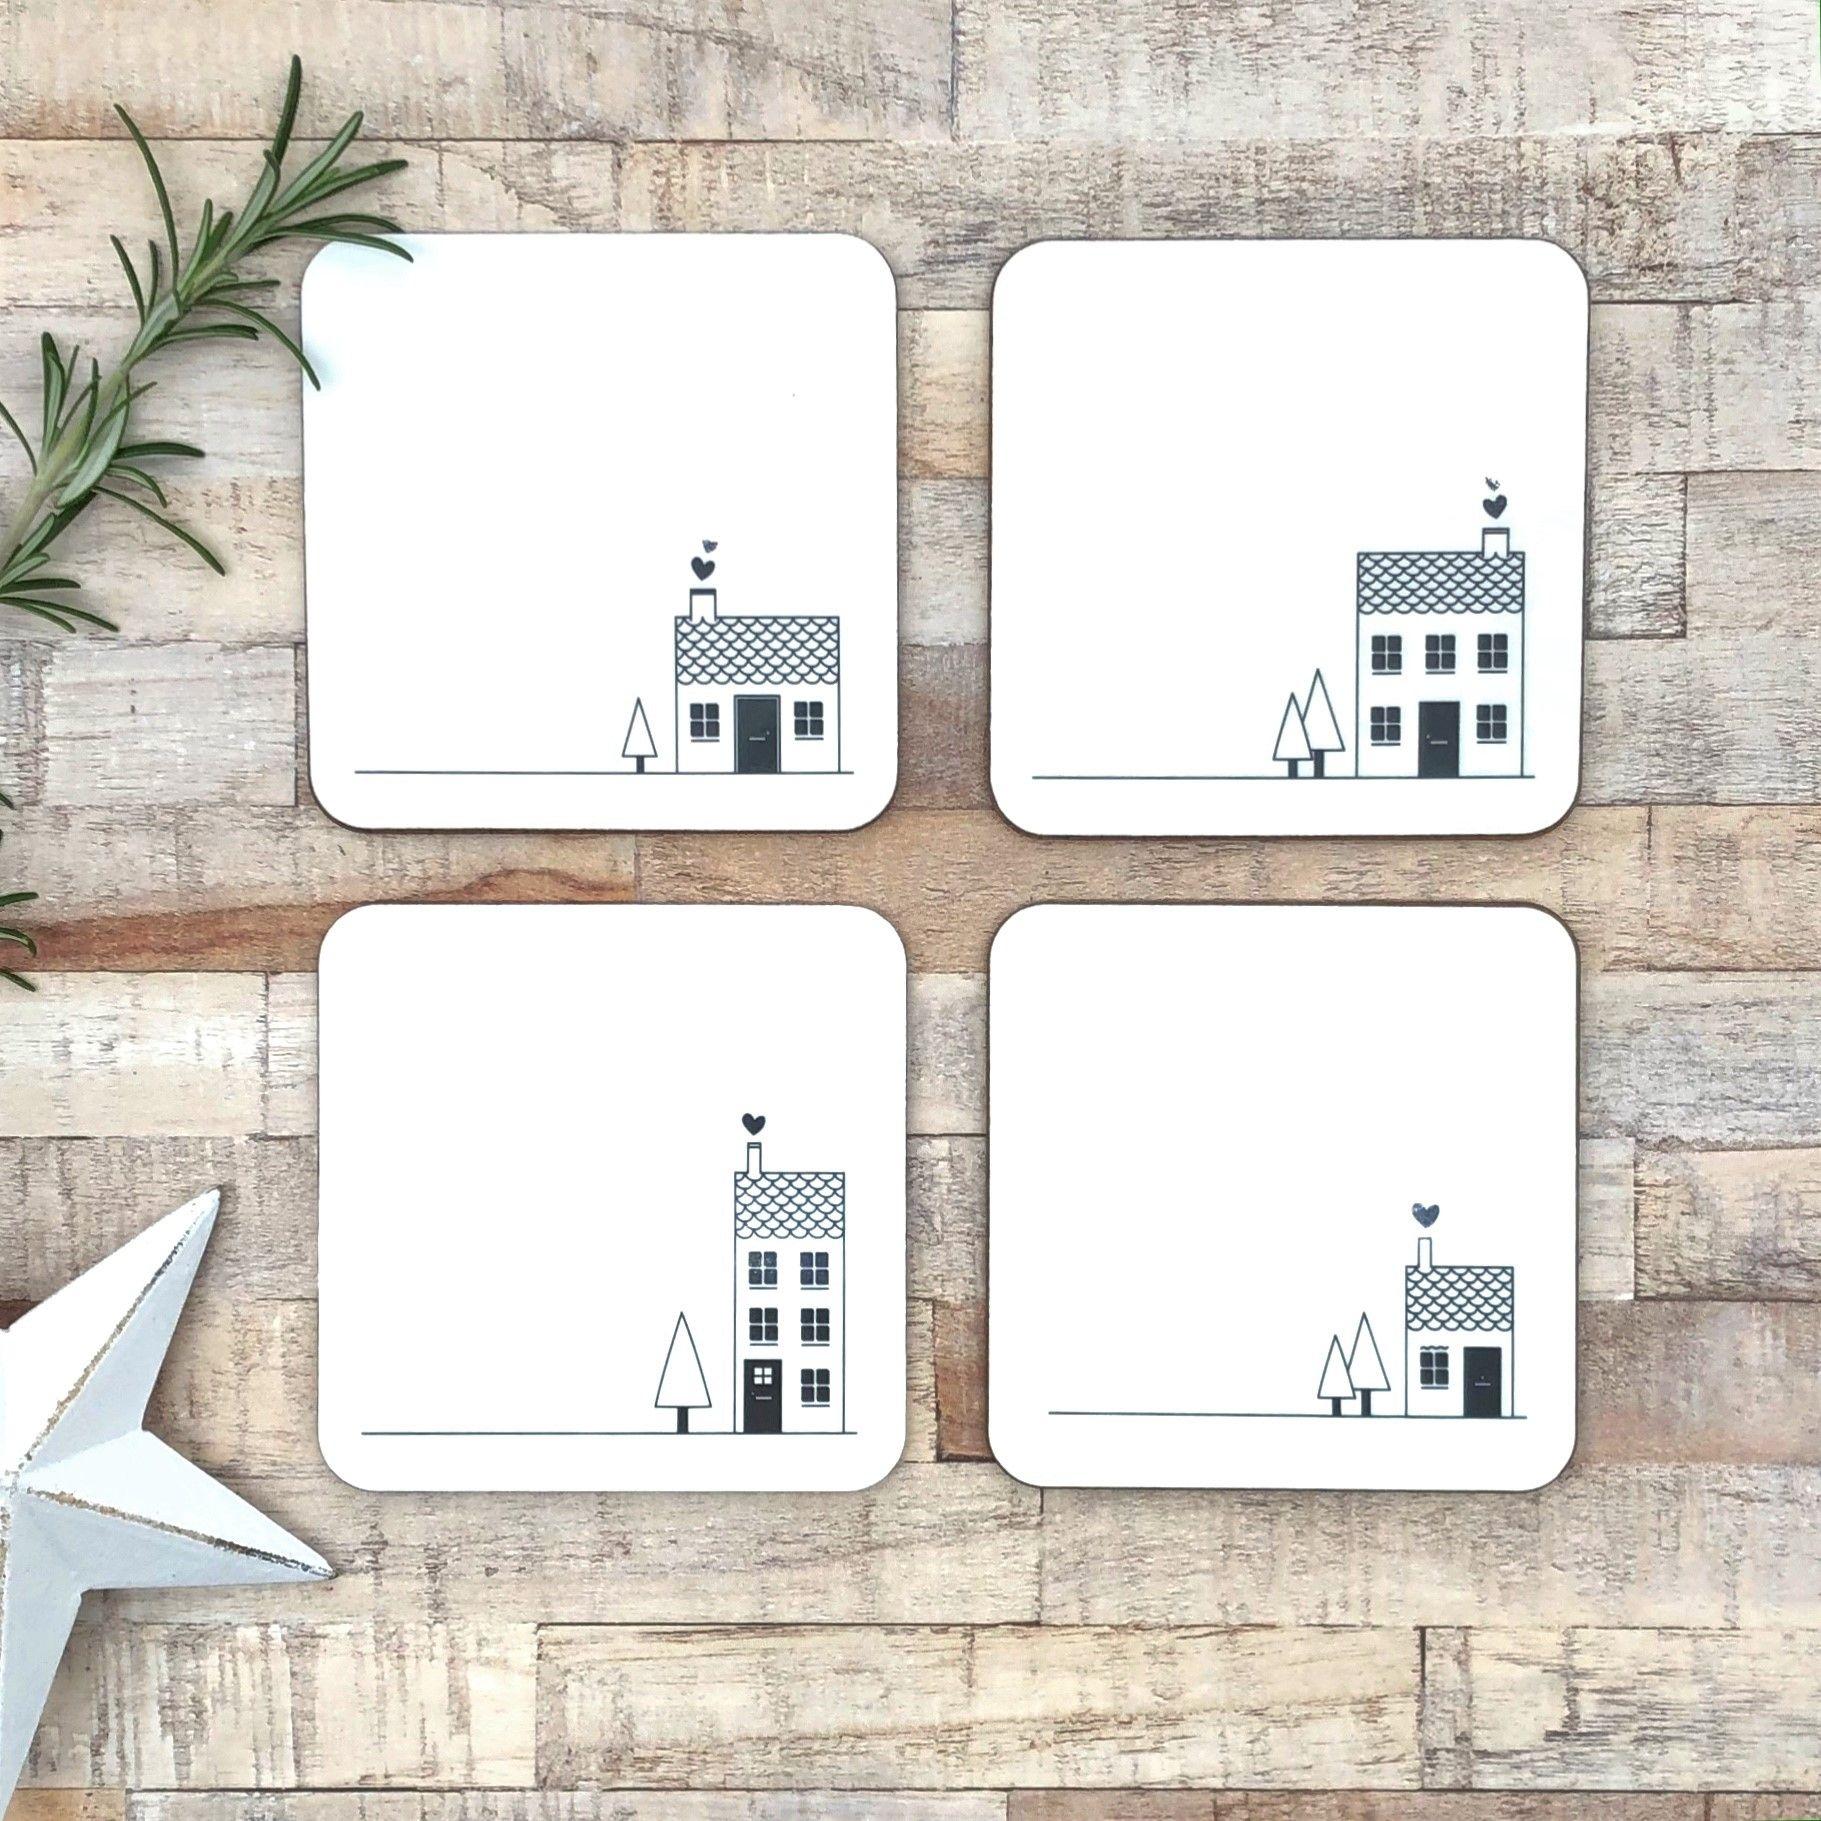 Set of 4 melamine gloss coasters on table 1